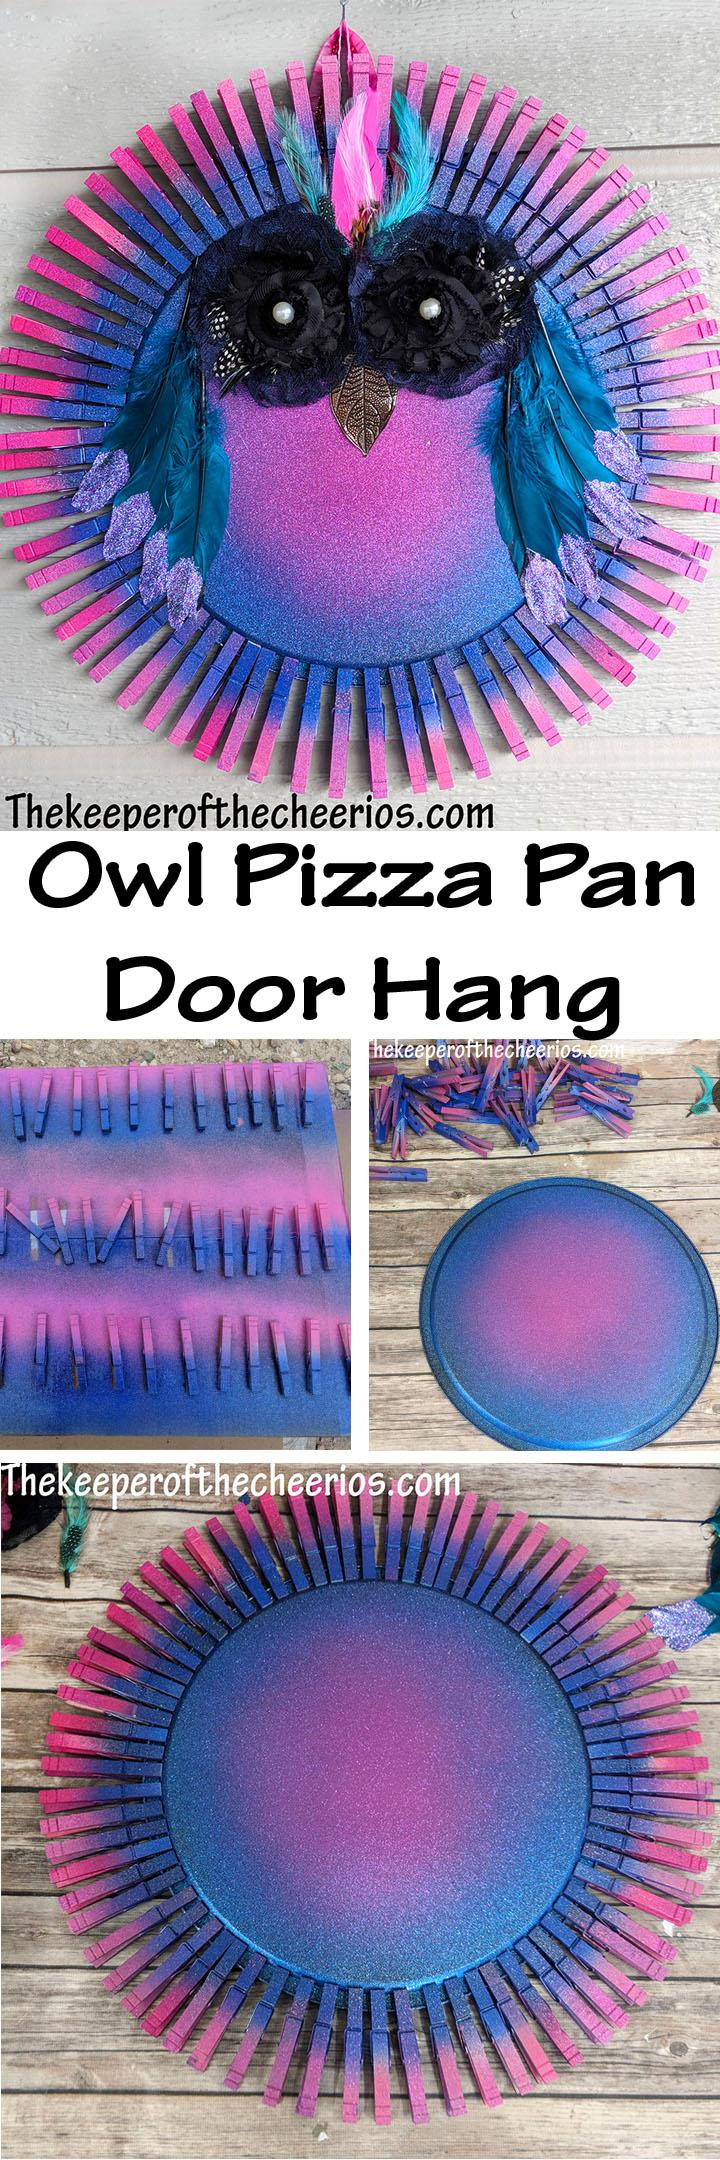 pizza-pan-owl-door-hang-pnn